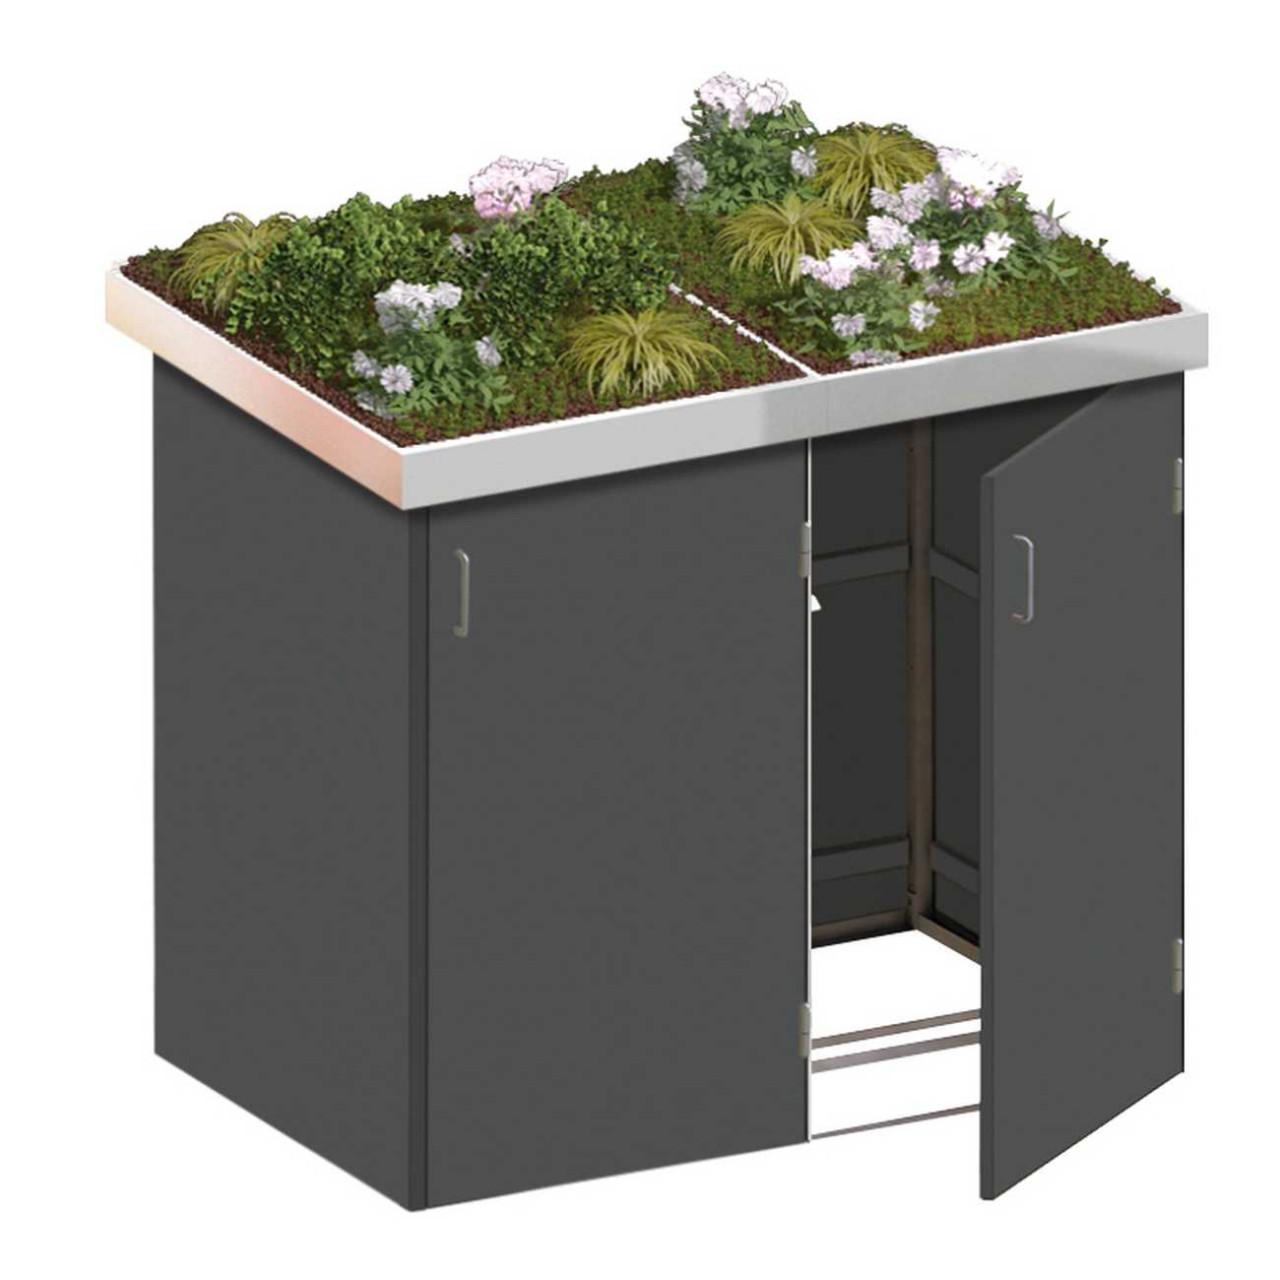 Binto Mülltonnenbox HPL Schiefer mit Edelstahl Pflanzschalen